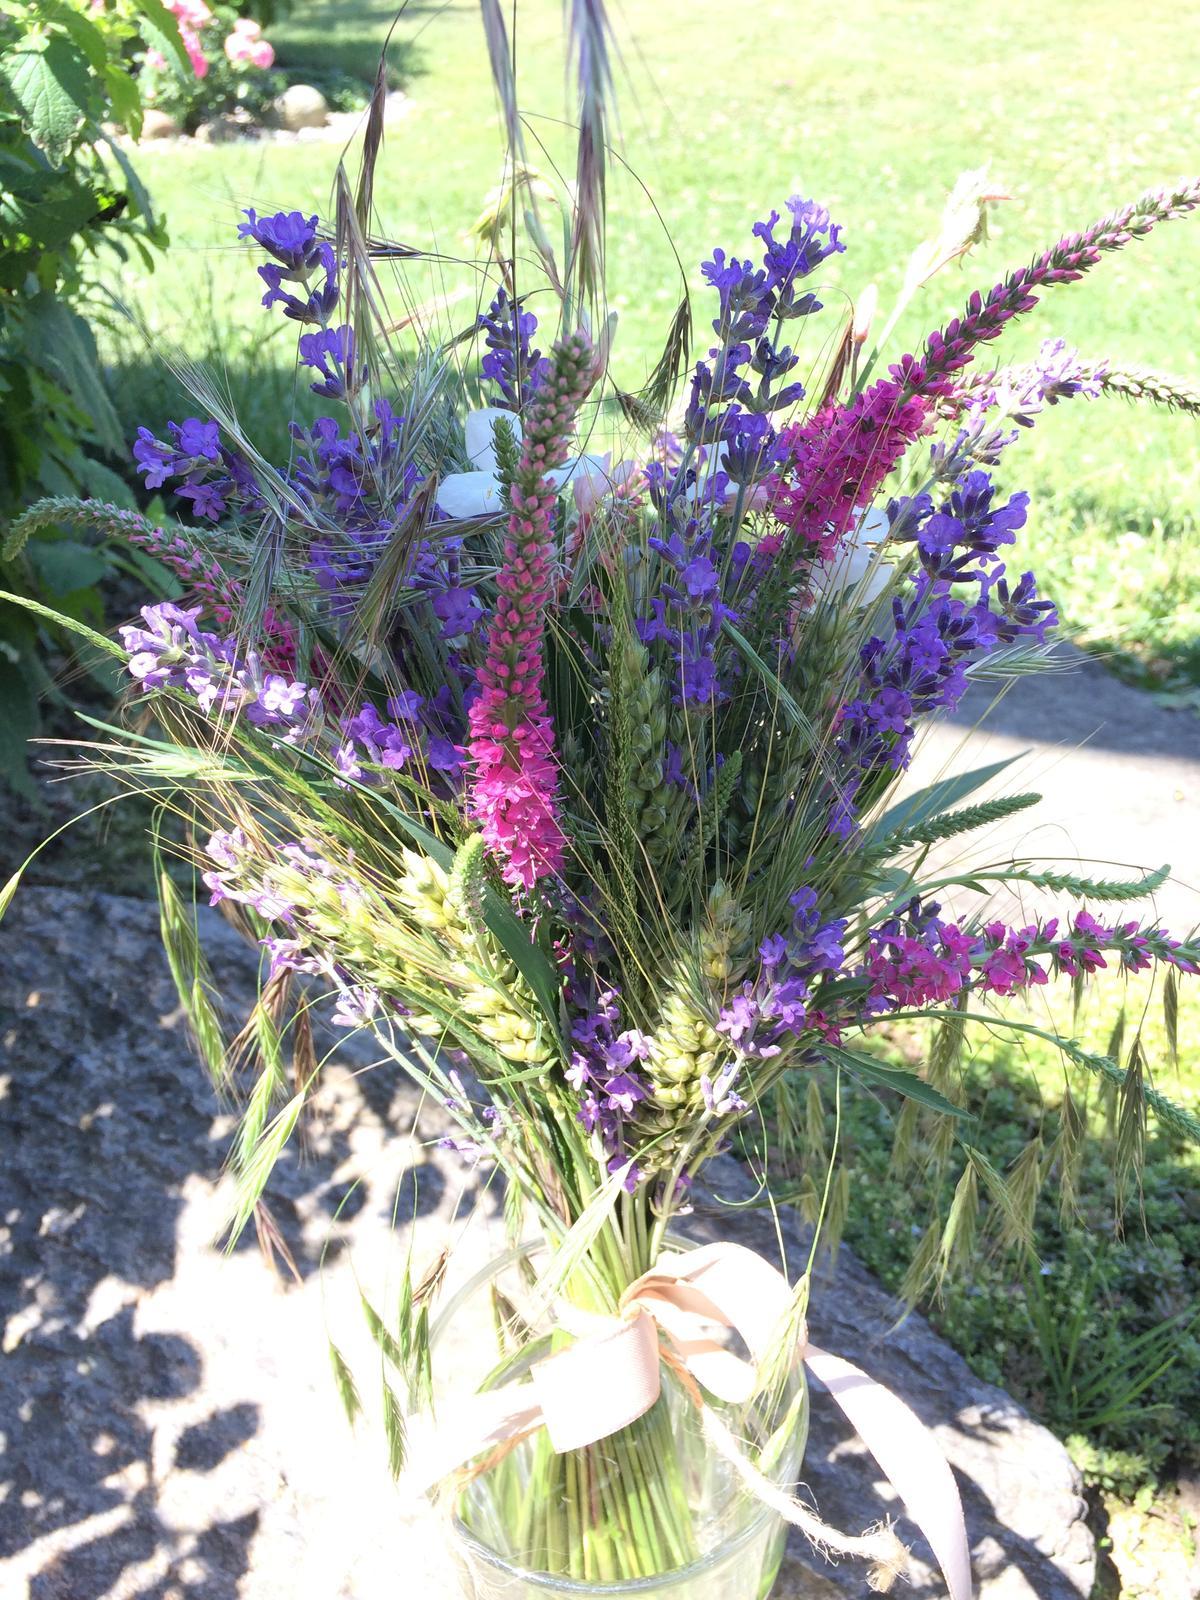 Dekorace z květin Pro radost - Obrázek č. 135